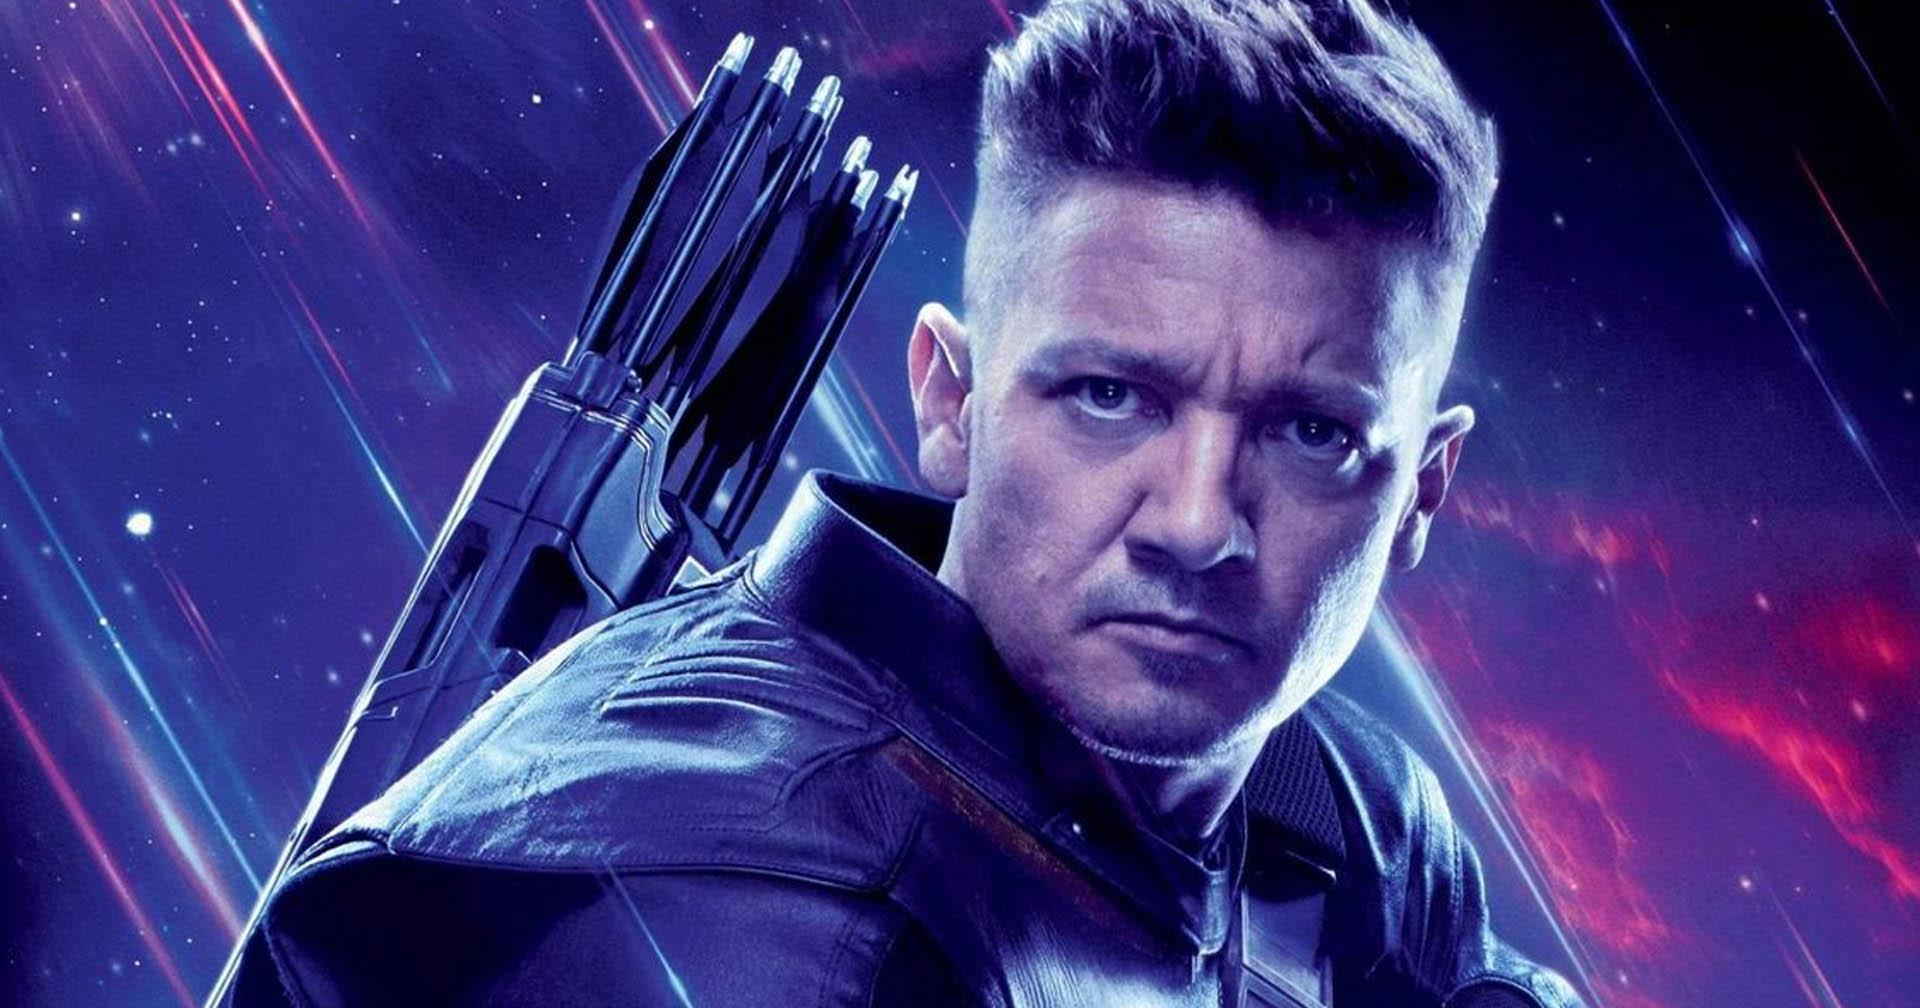 Hawkeye | Série do Gavião-Arqueiro tem imagem e data de estreia divulgadas; saiba mais